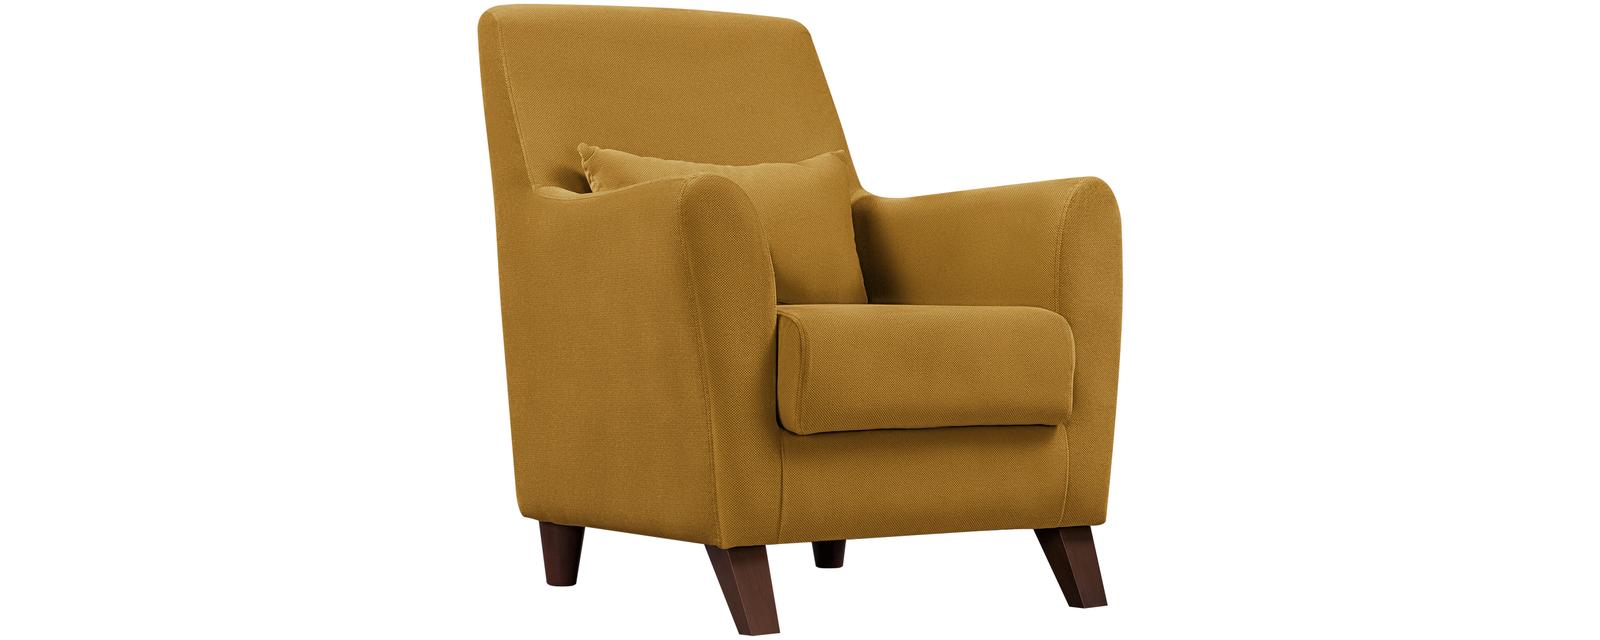 Кресло тканевое Либерти Elegance желтый (Ткань)